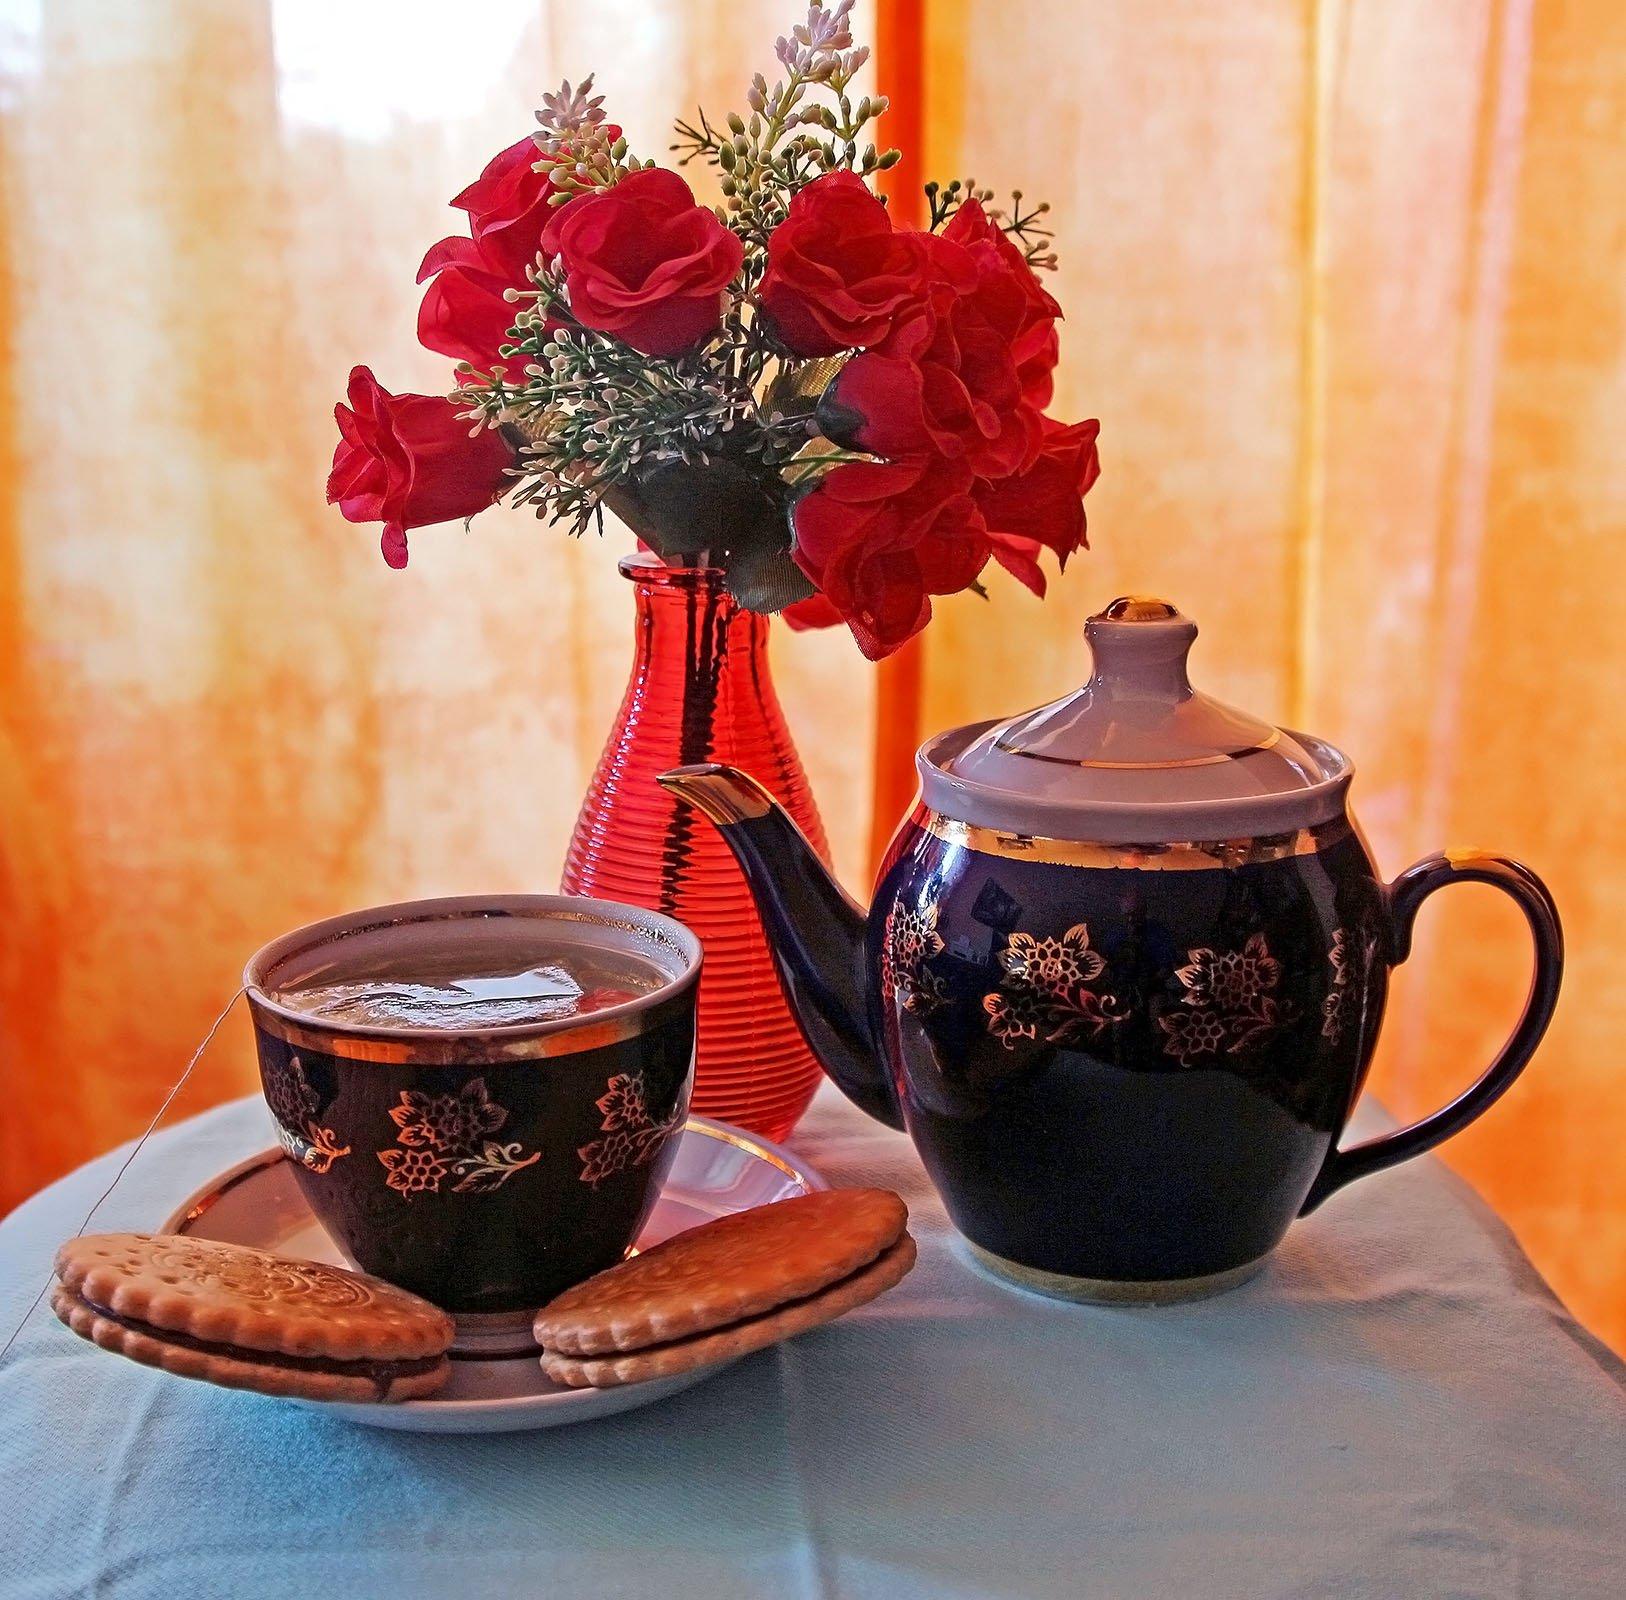 Открытка к чаю, картинки